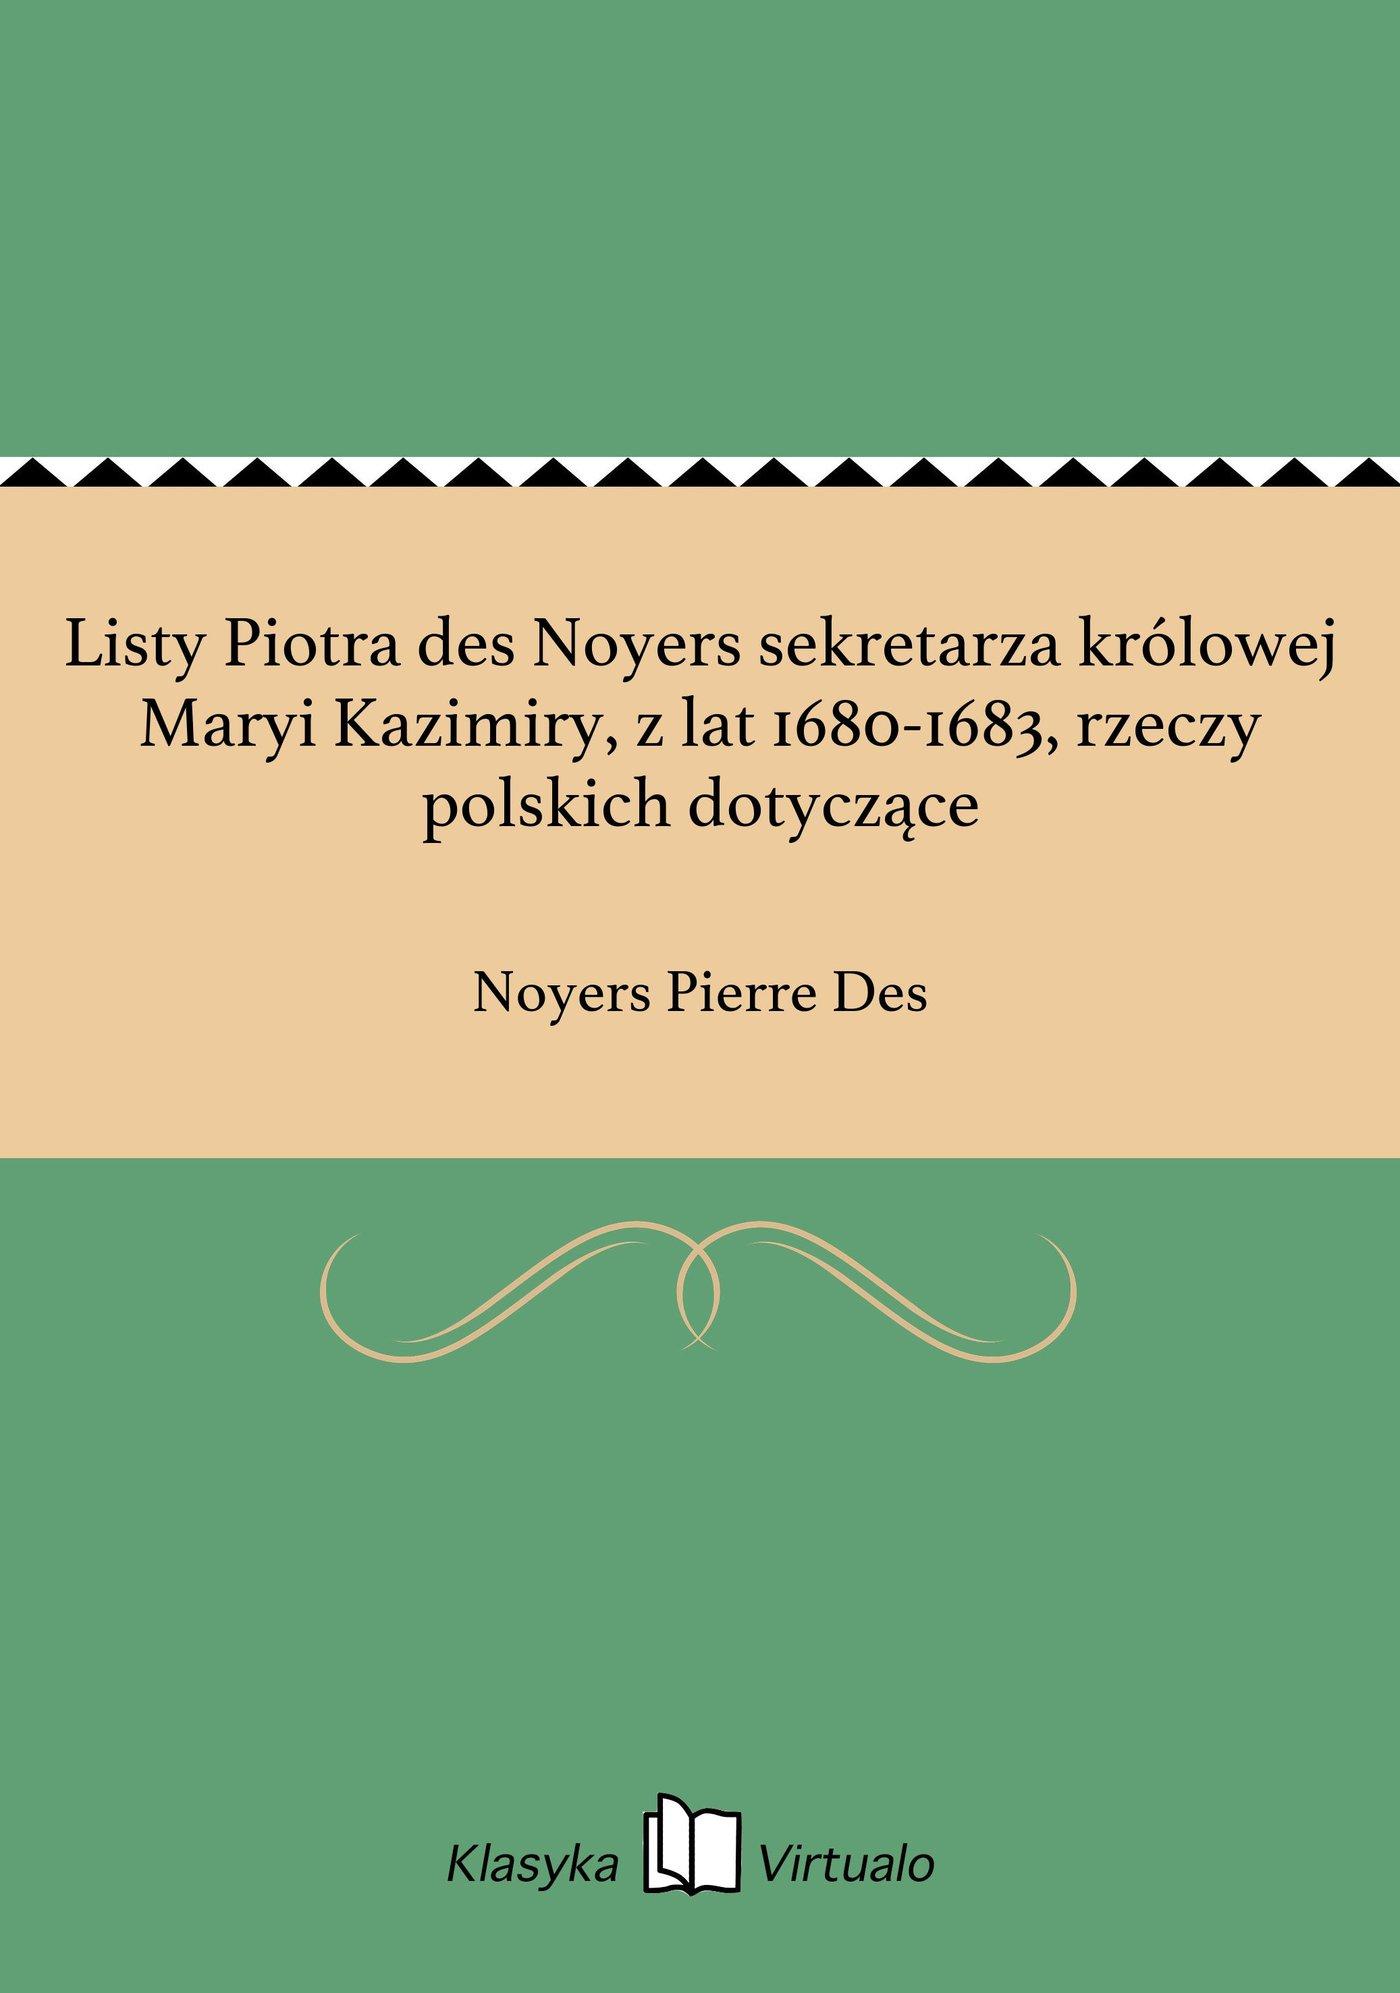 Listy Piotra des Noyers sekretarza królowej Maryi Kazimiry, z lat 1680-1683, rzeczy polskich dotyczące - Ebook (Książka EPUB) do pobrania w formacie EPUB